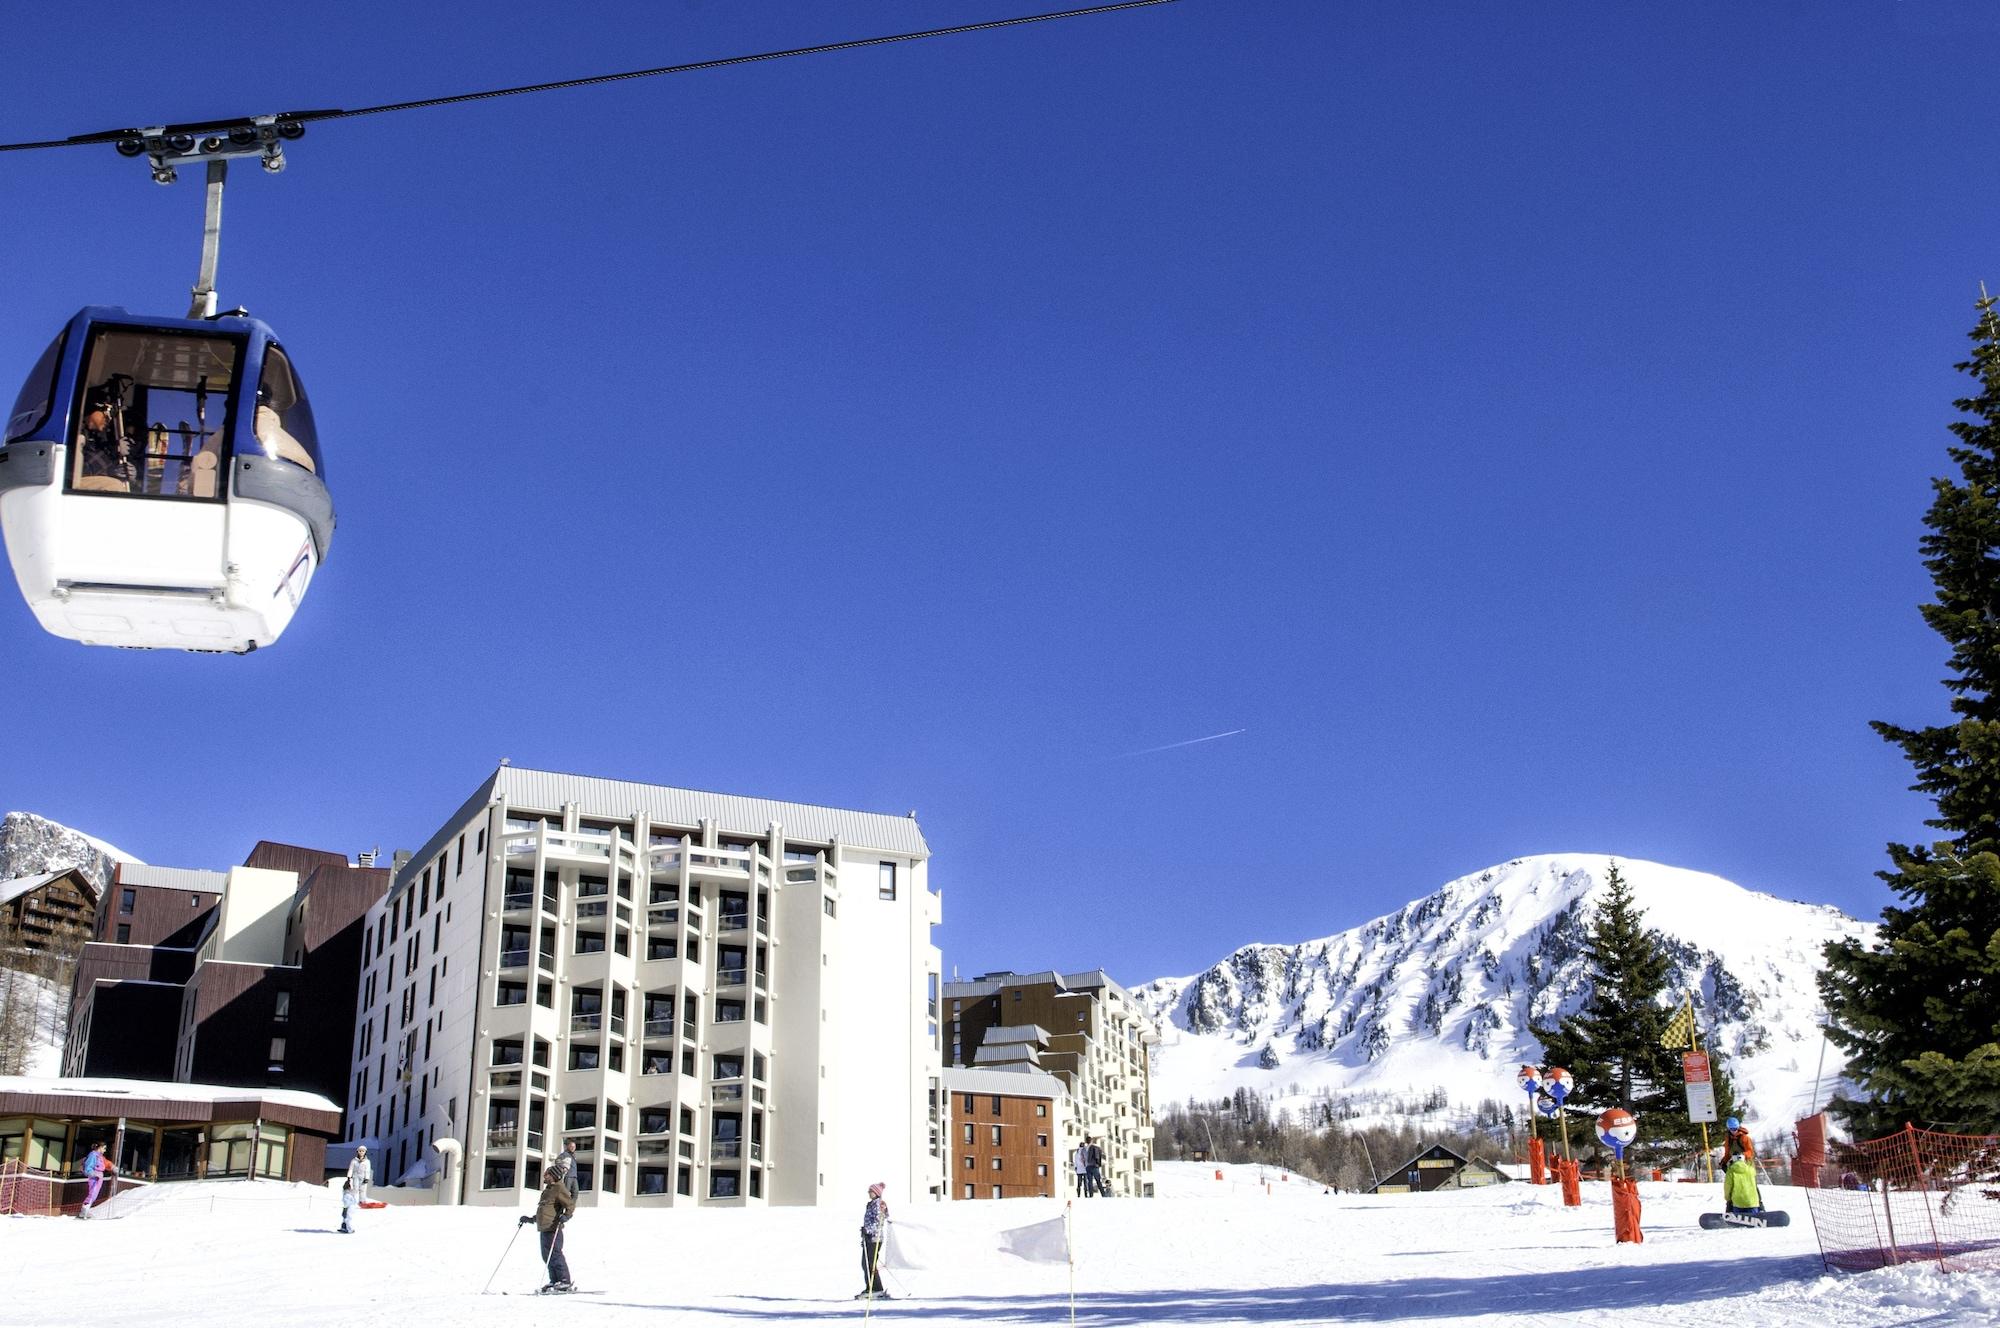 Hotel du Soleil Le Pas du Loup, Alpes-Maritimes